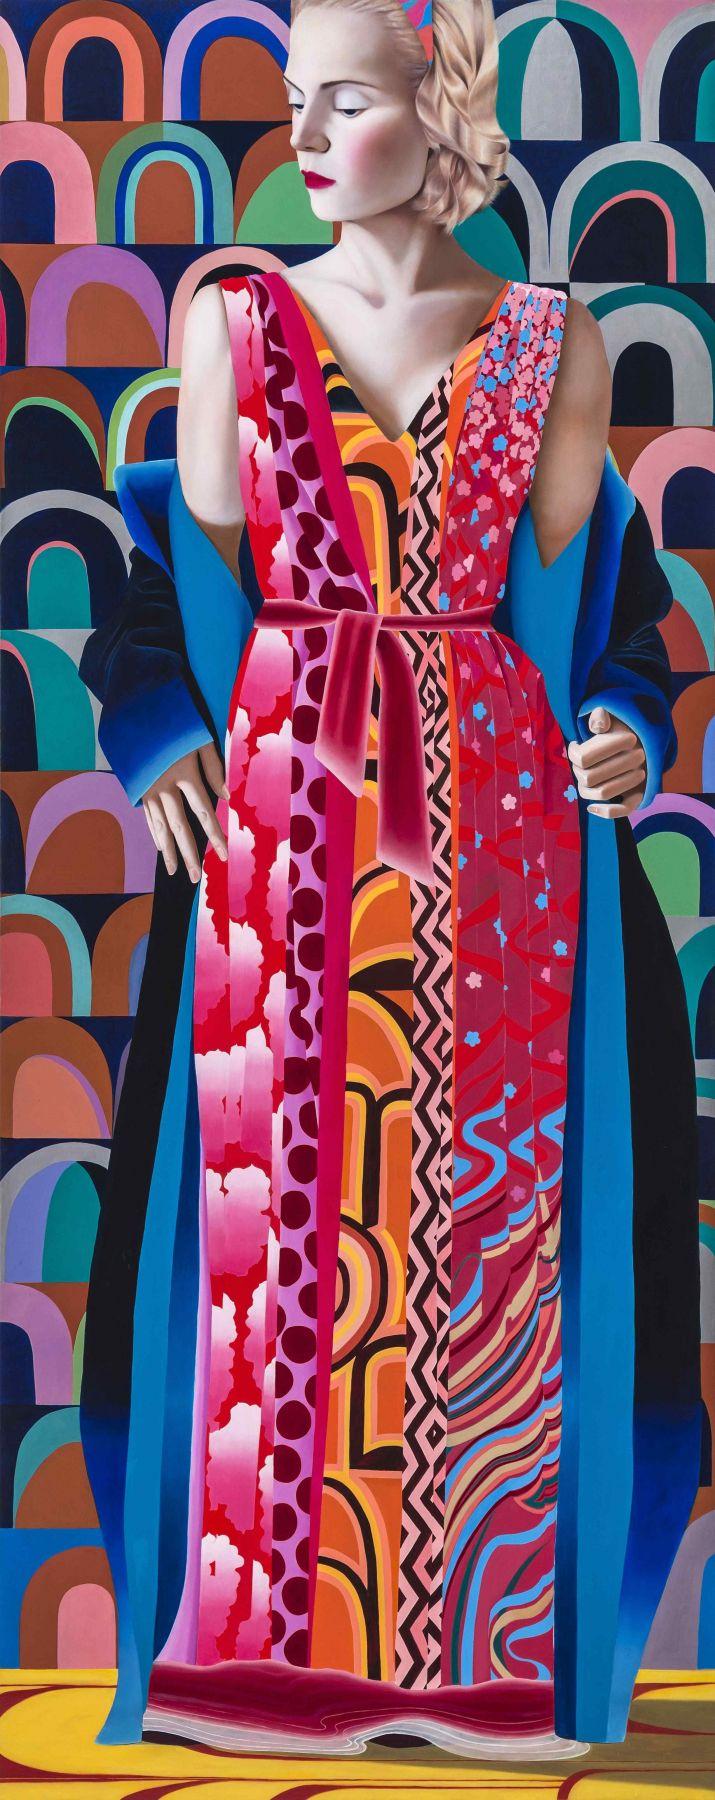 Jocelyn Hobbie Rainbows, 2015